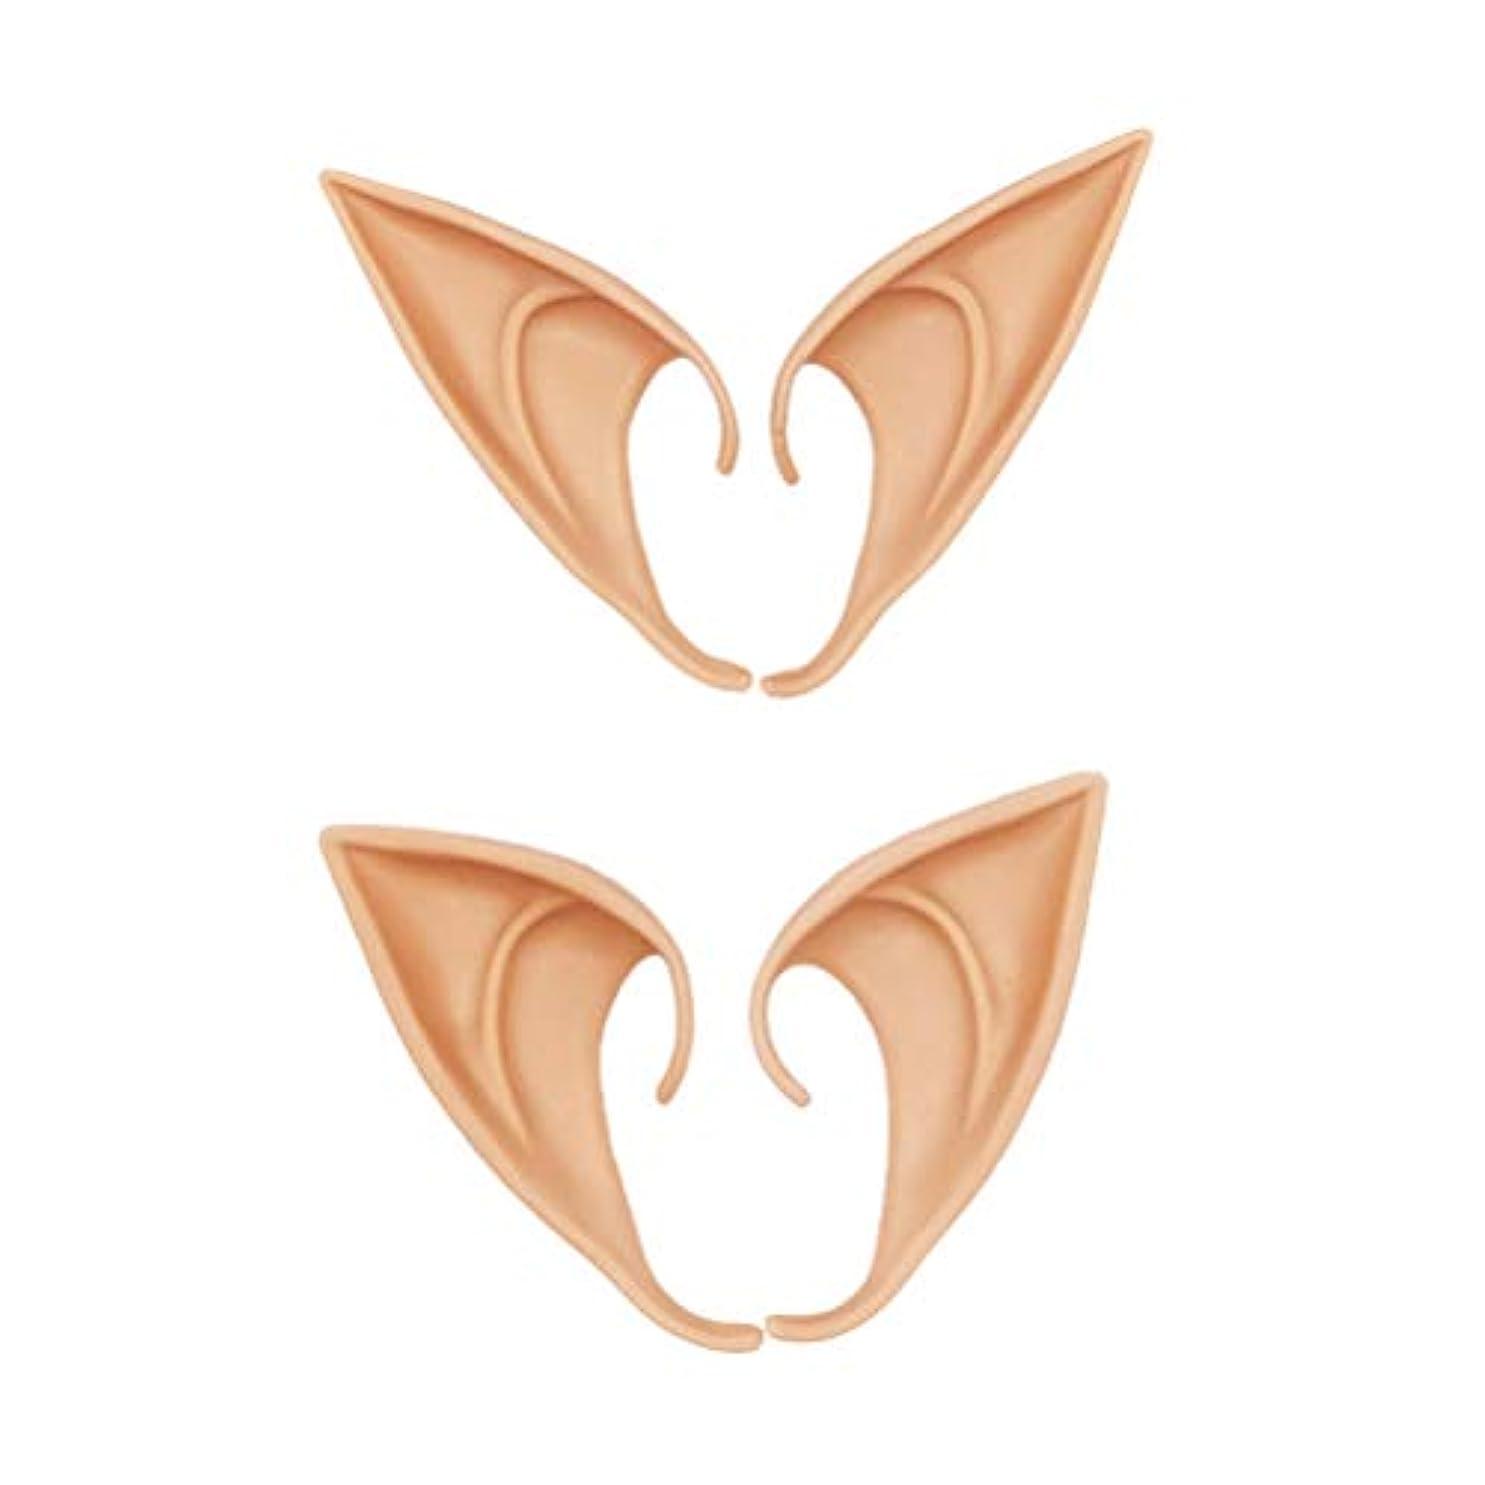 経験的イディオム漂流Toyvian エルフ耳コスプレイースターカーニバルパーティーエルフコスチューム補綴耳偽のヒント耳写真小道具4ピース